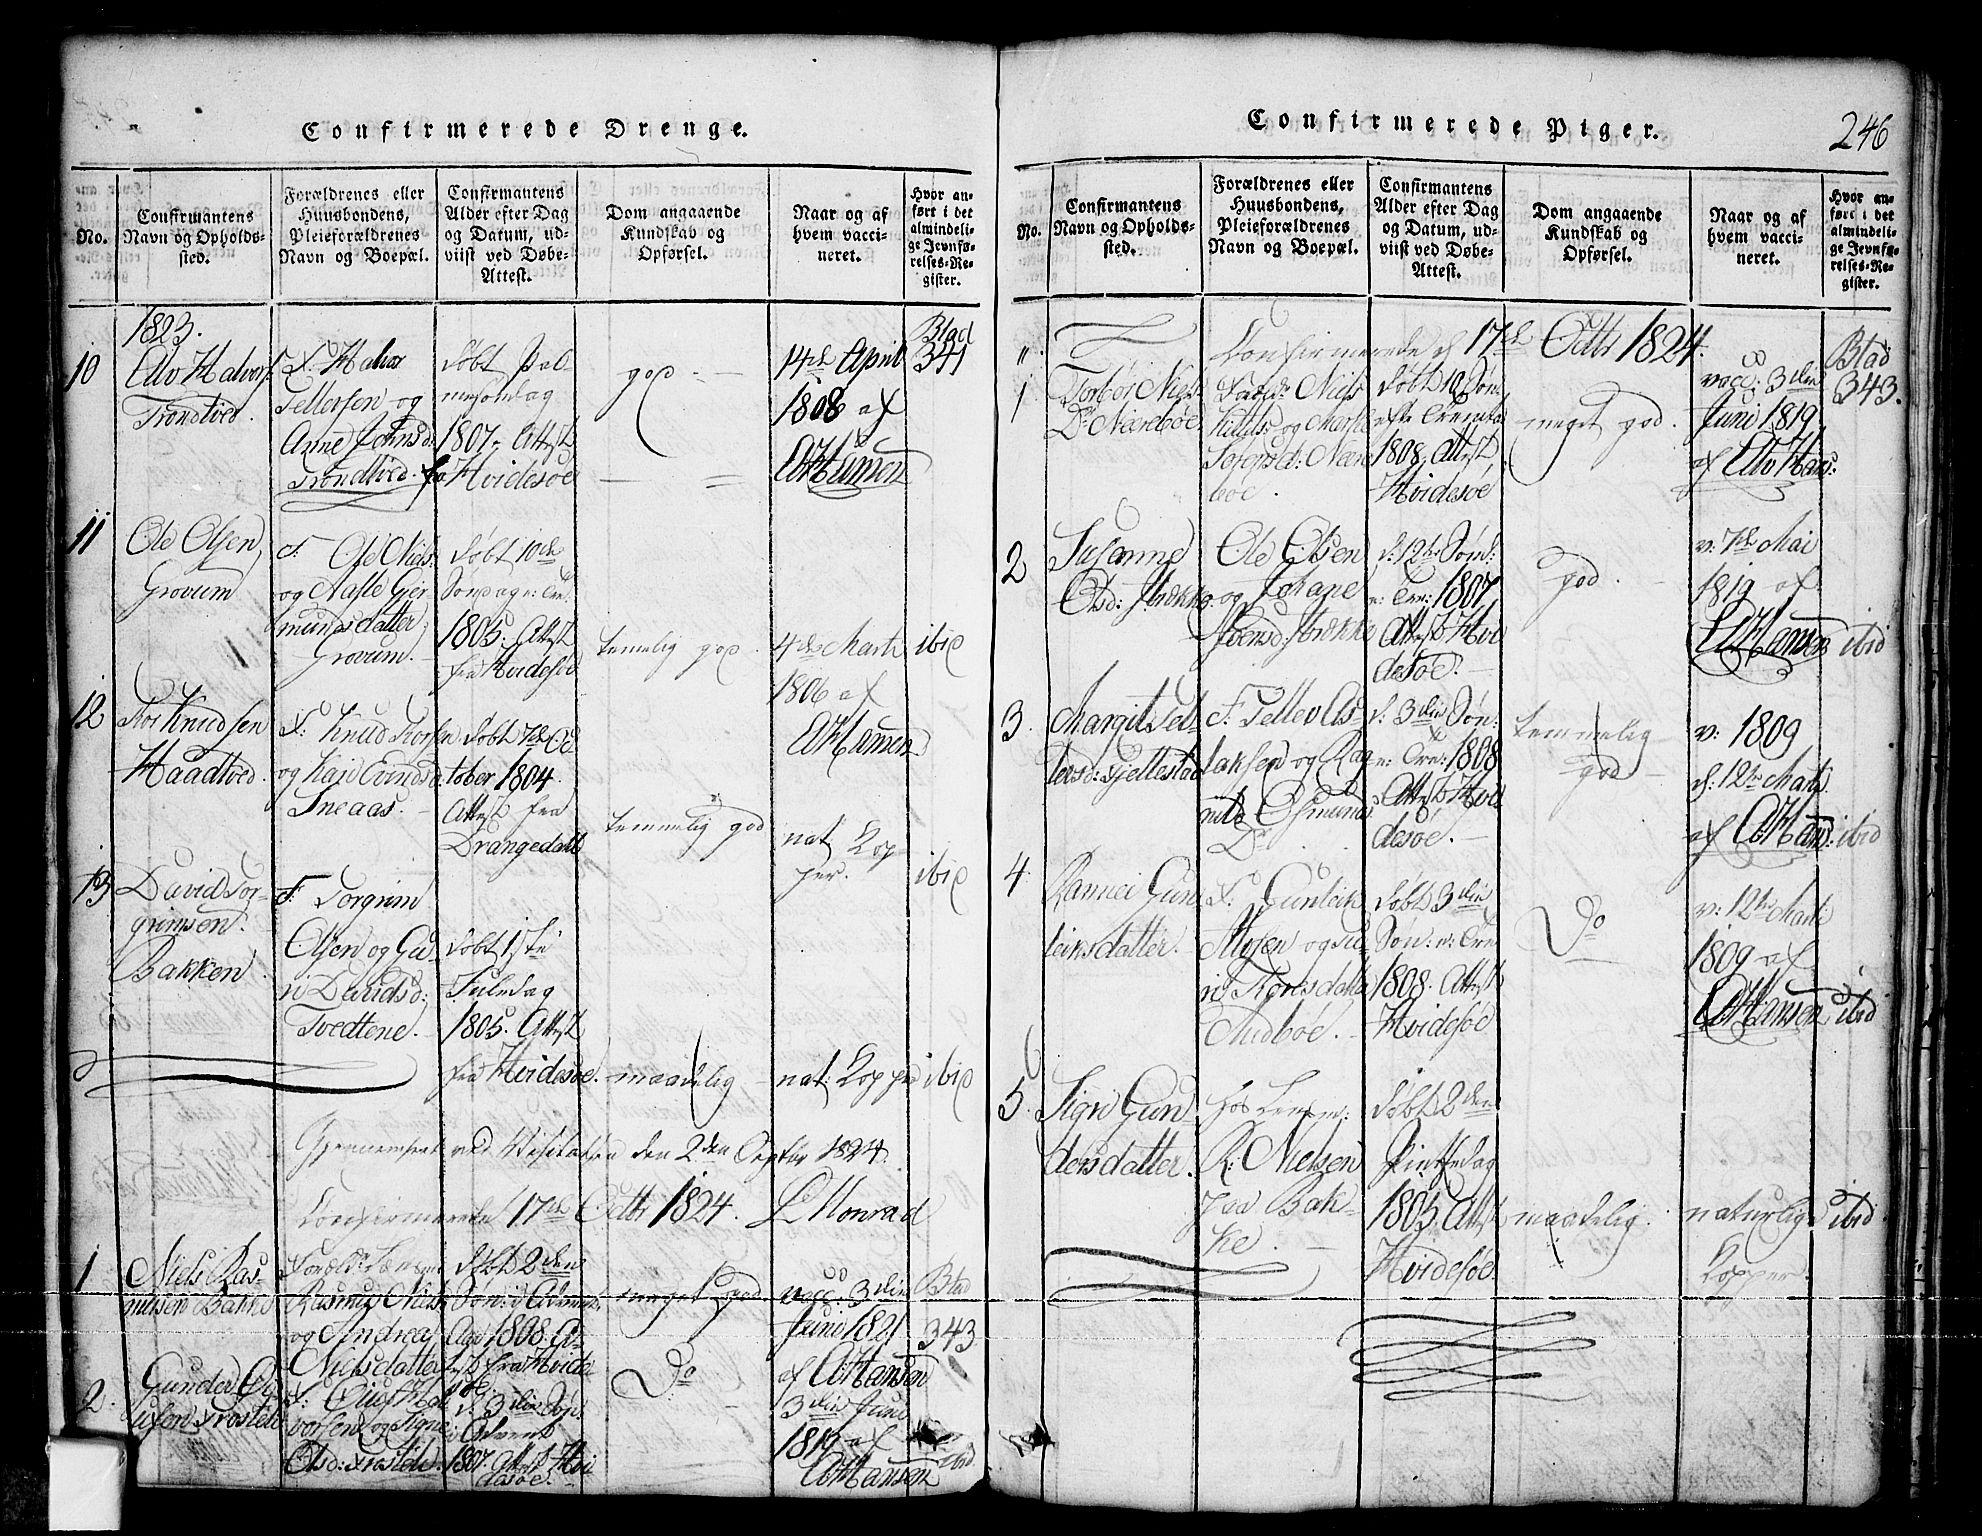 SAKO, Nissedal kirkebøker, G/Ga/L0001: Klokkerbok nr. I 1, 1814-1860, s. 246